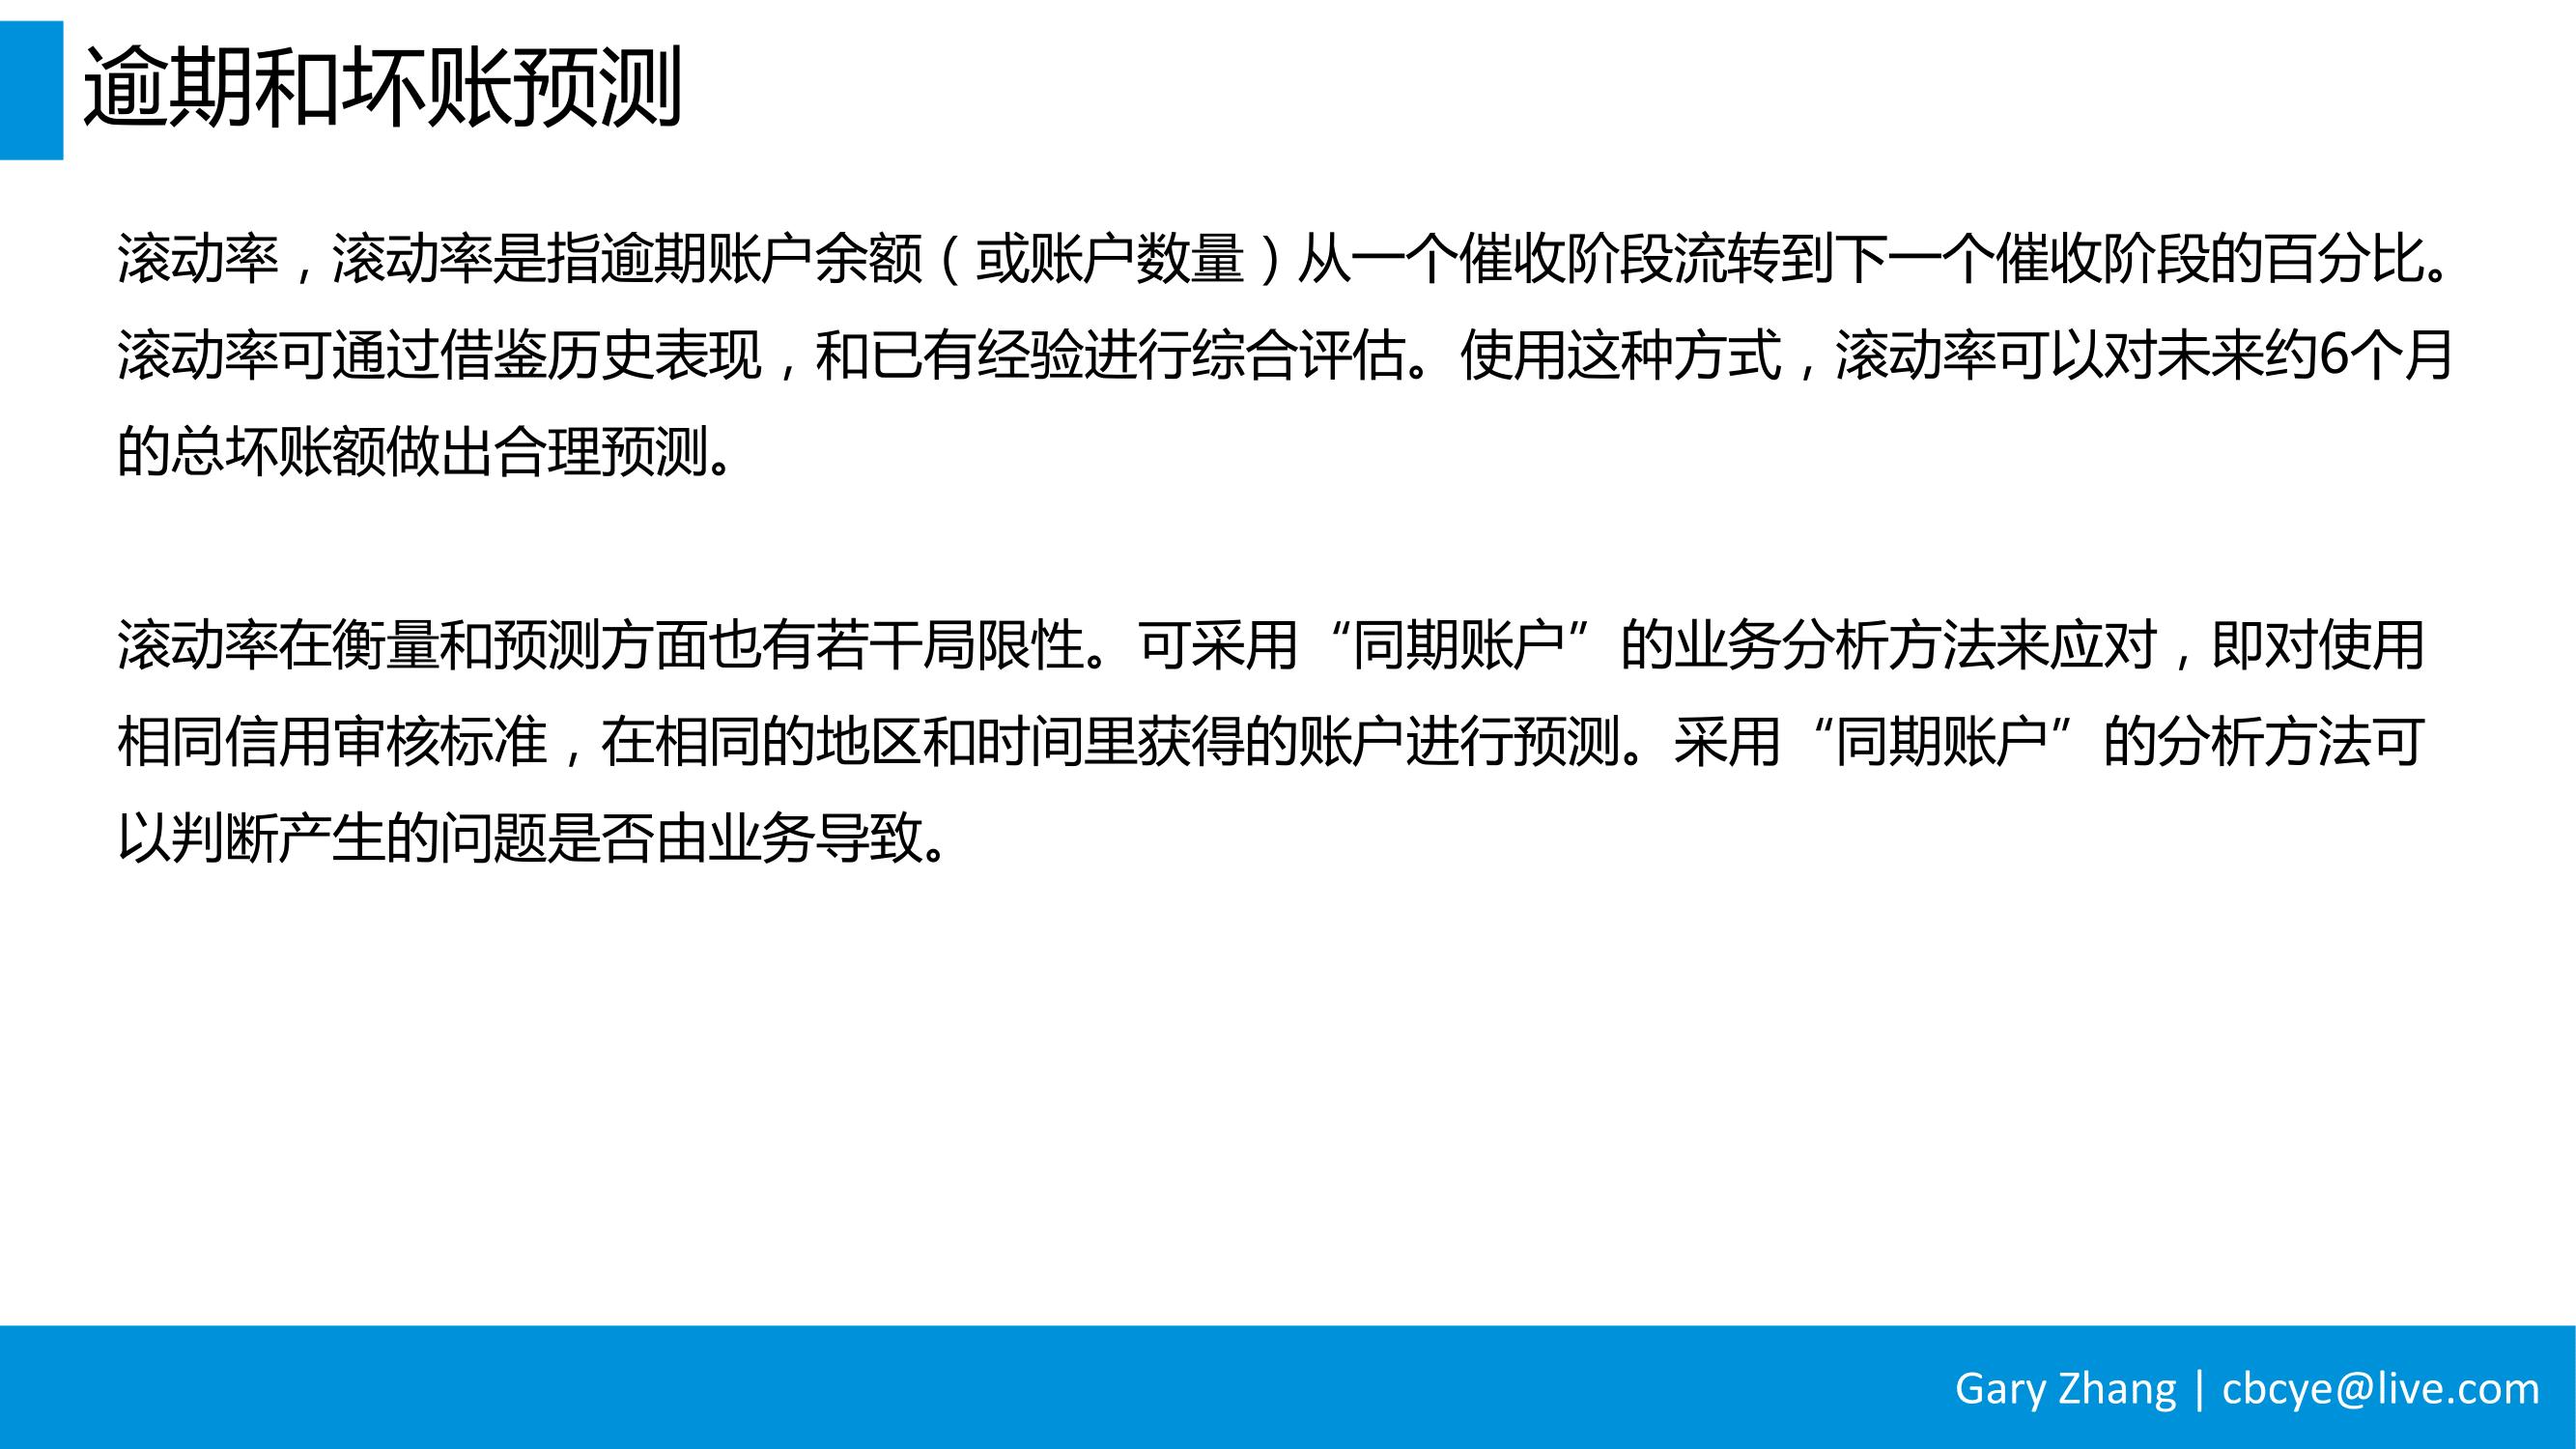 消费金融业务全流程指南_v1.0-061